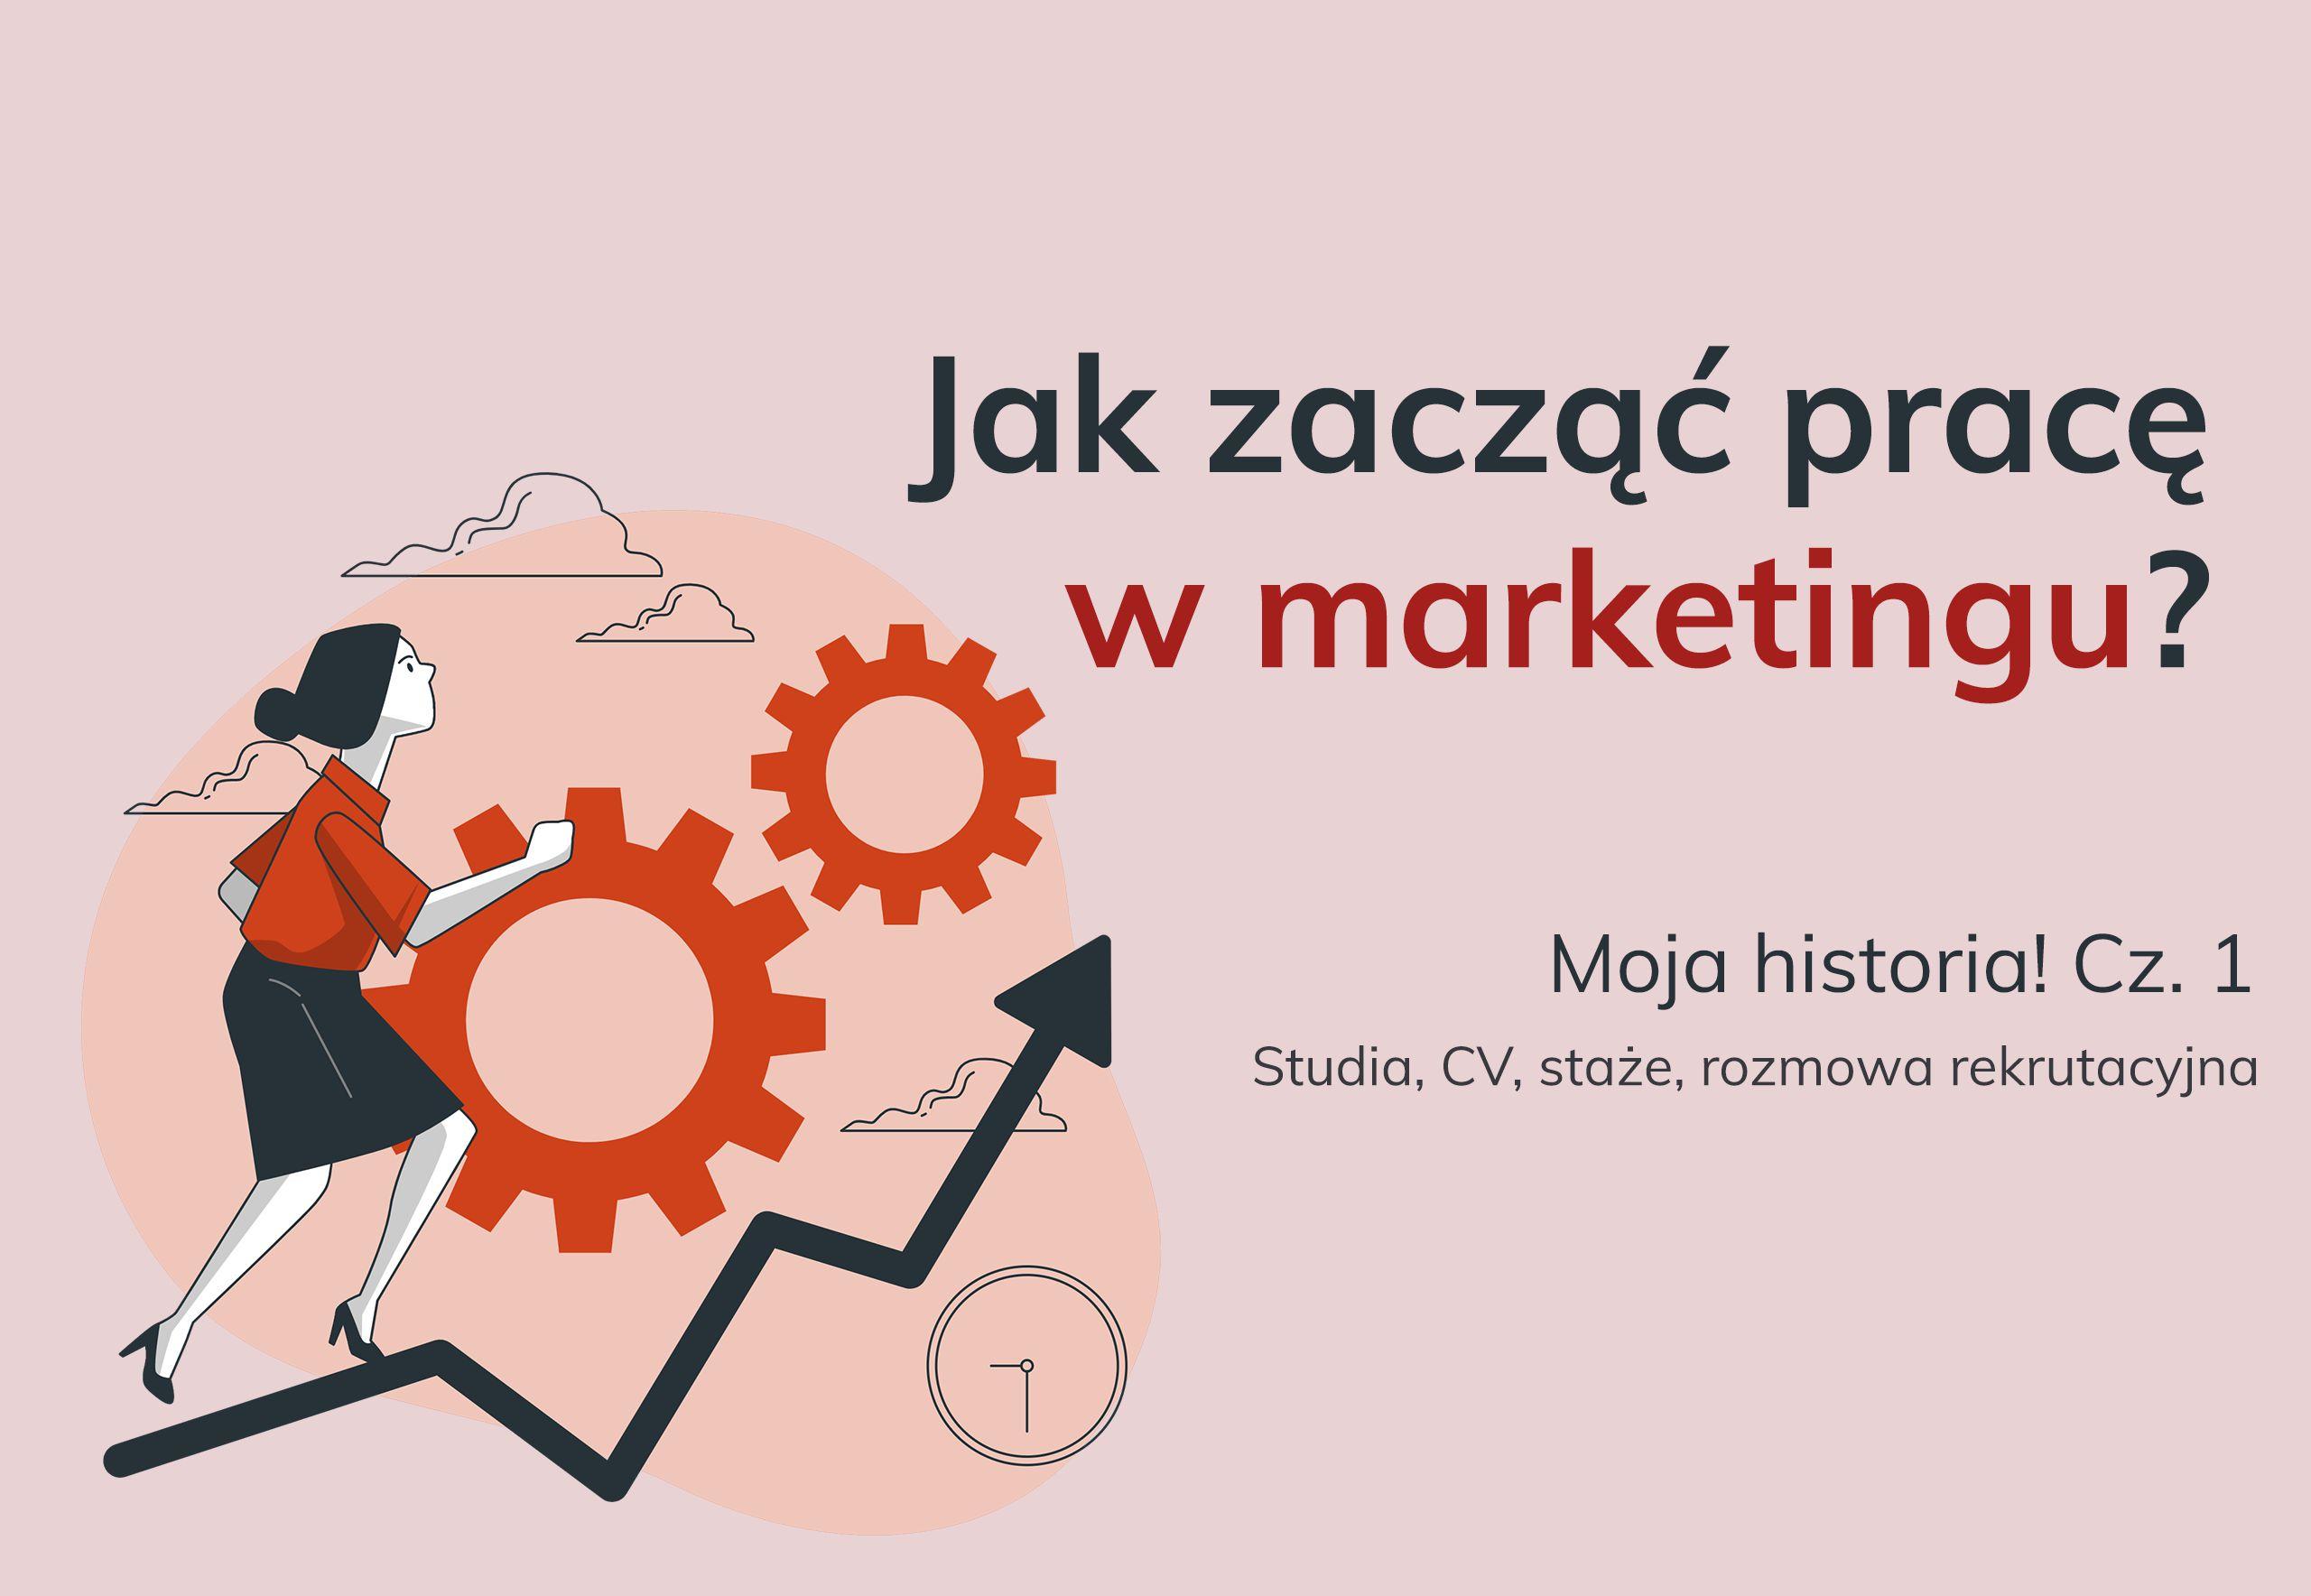 praca w marketingu jak zacząć